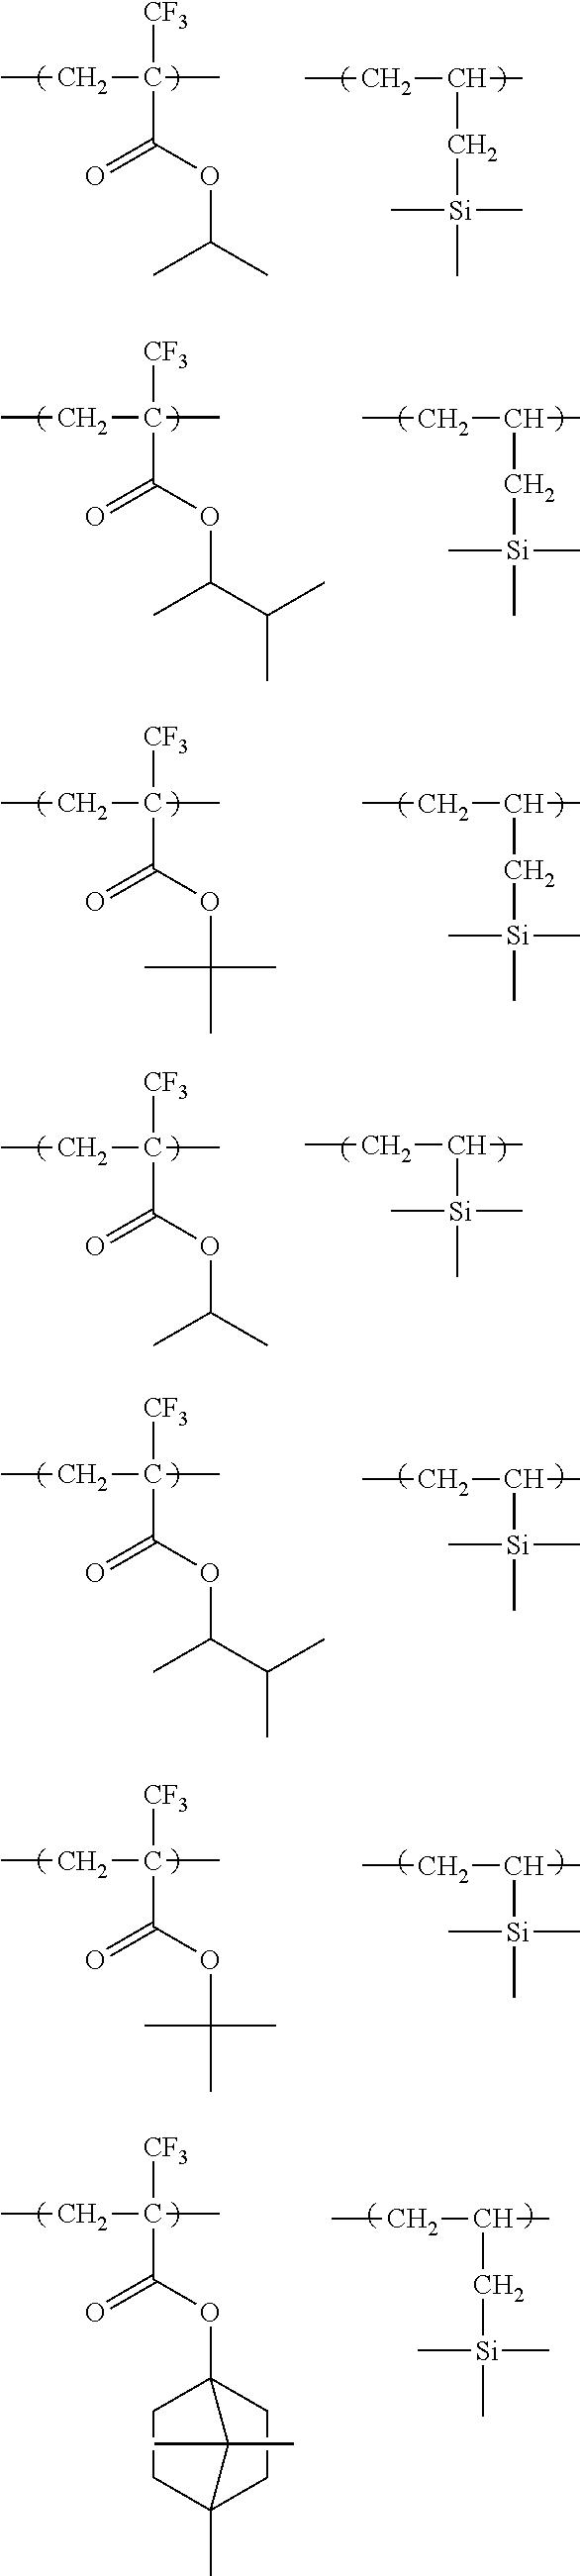 Figure US08241840-20120814-C00082